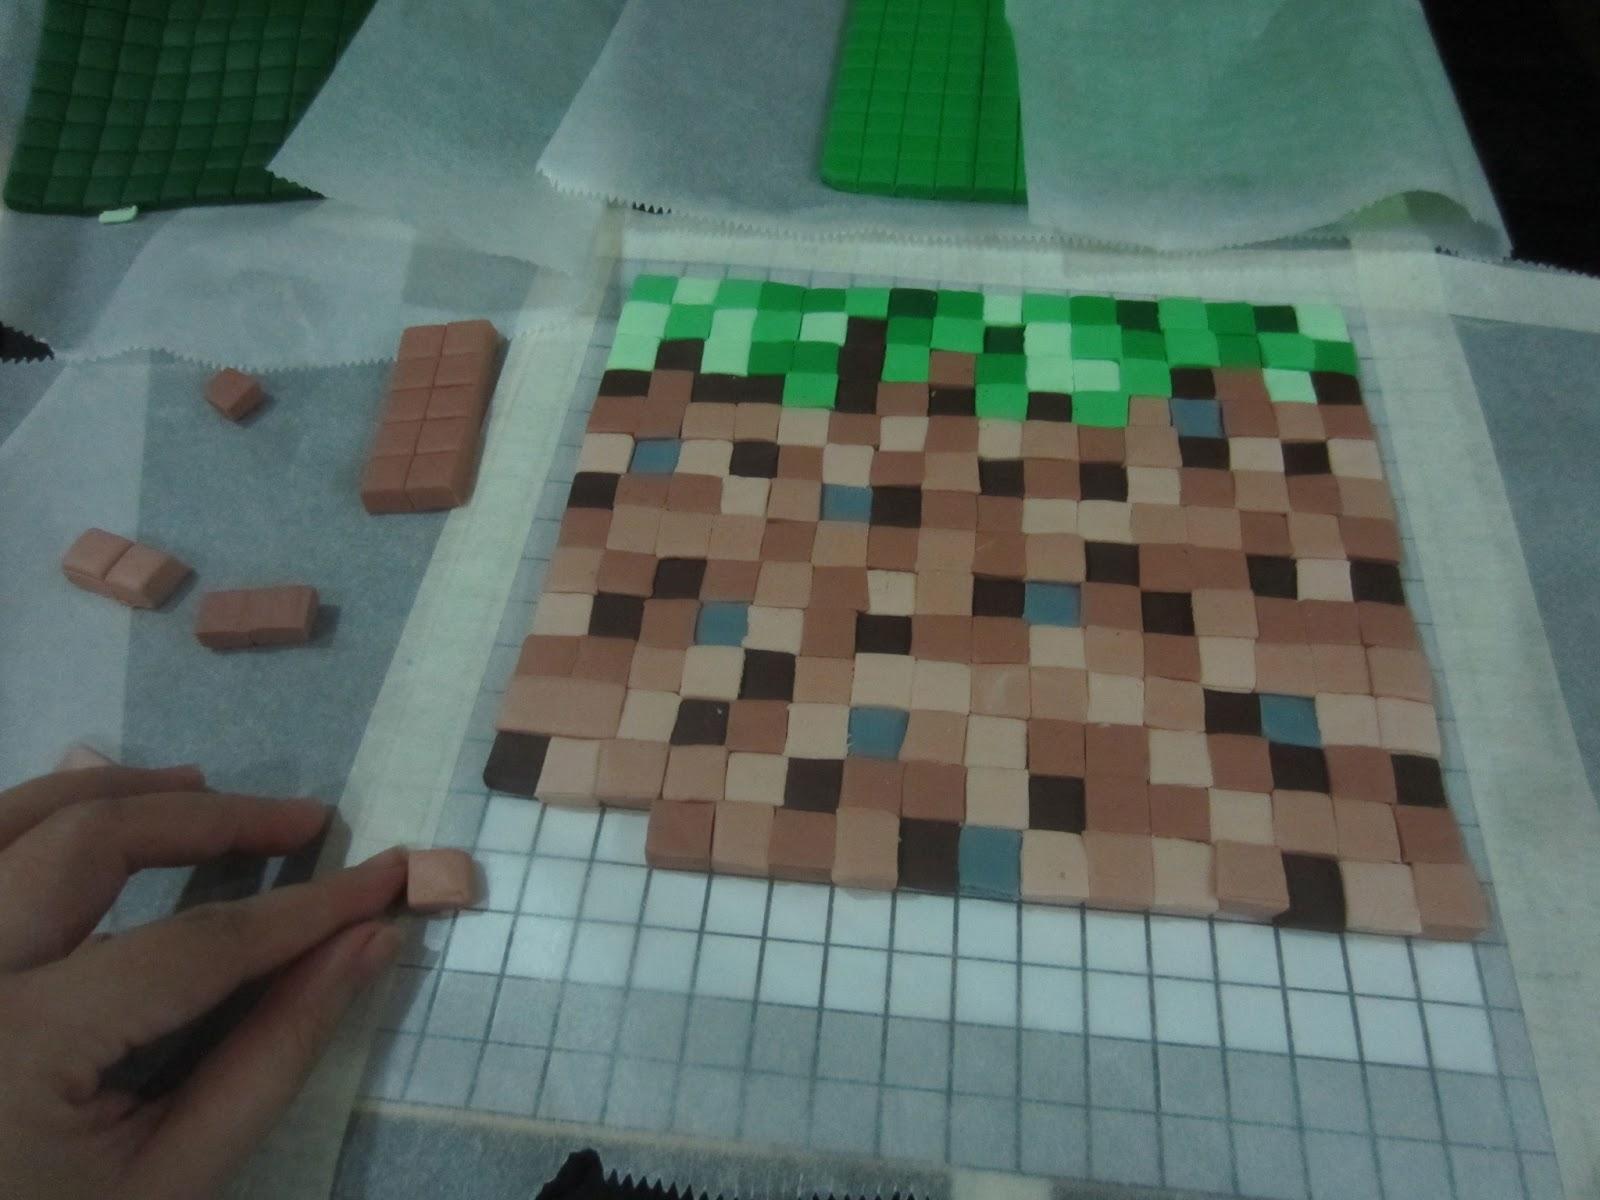 making paper in minecraft